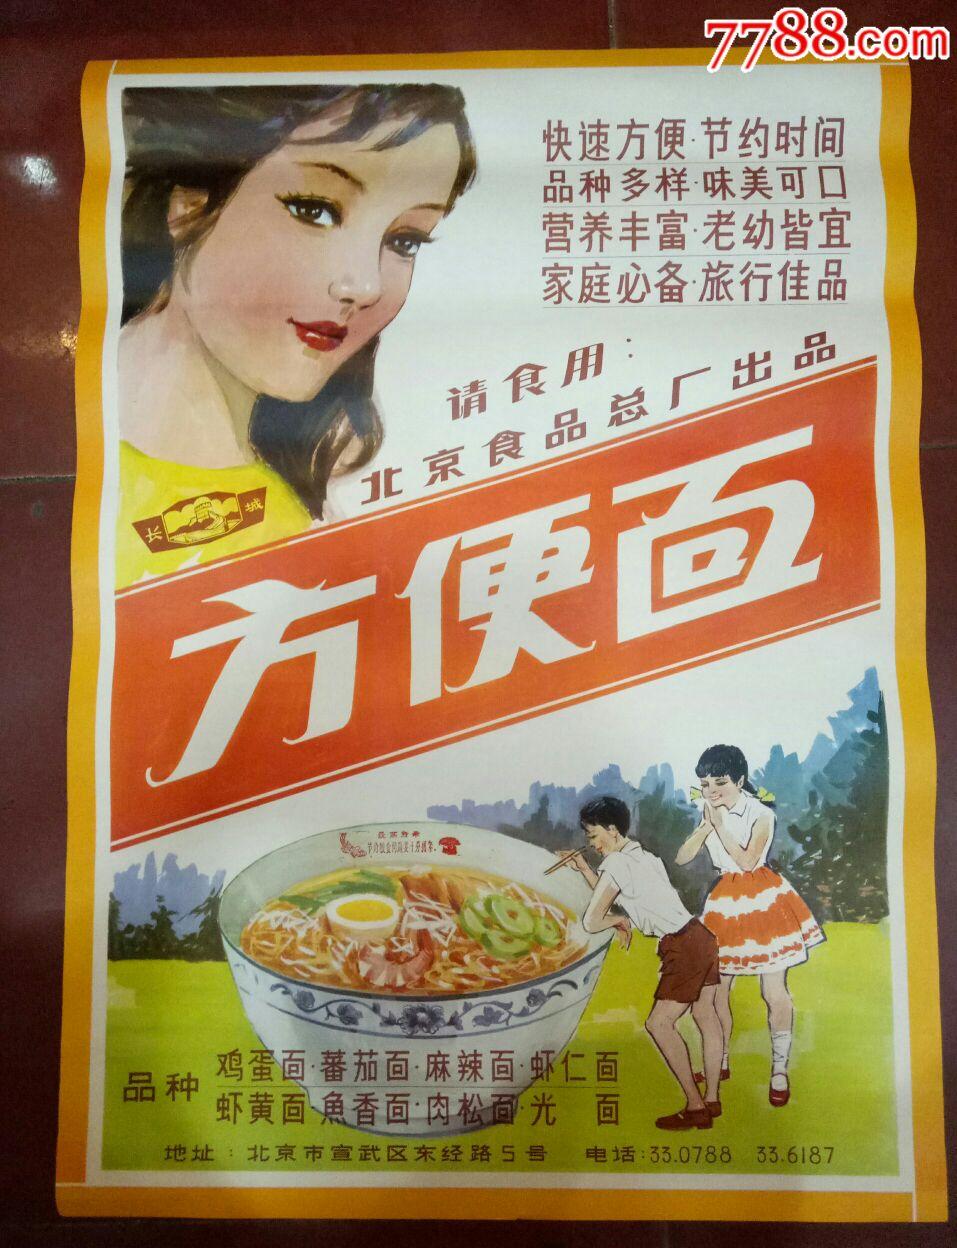 早期北京方便面广告/少见图片